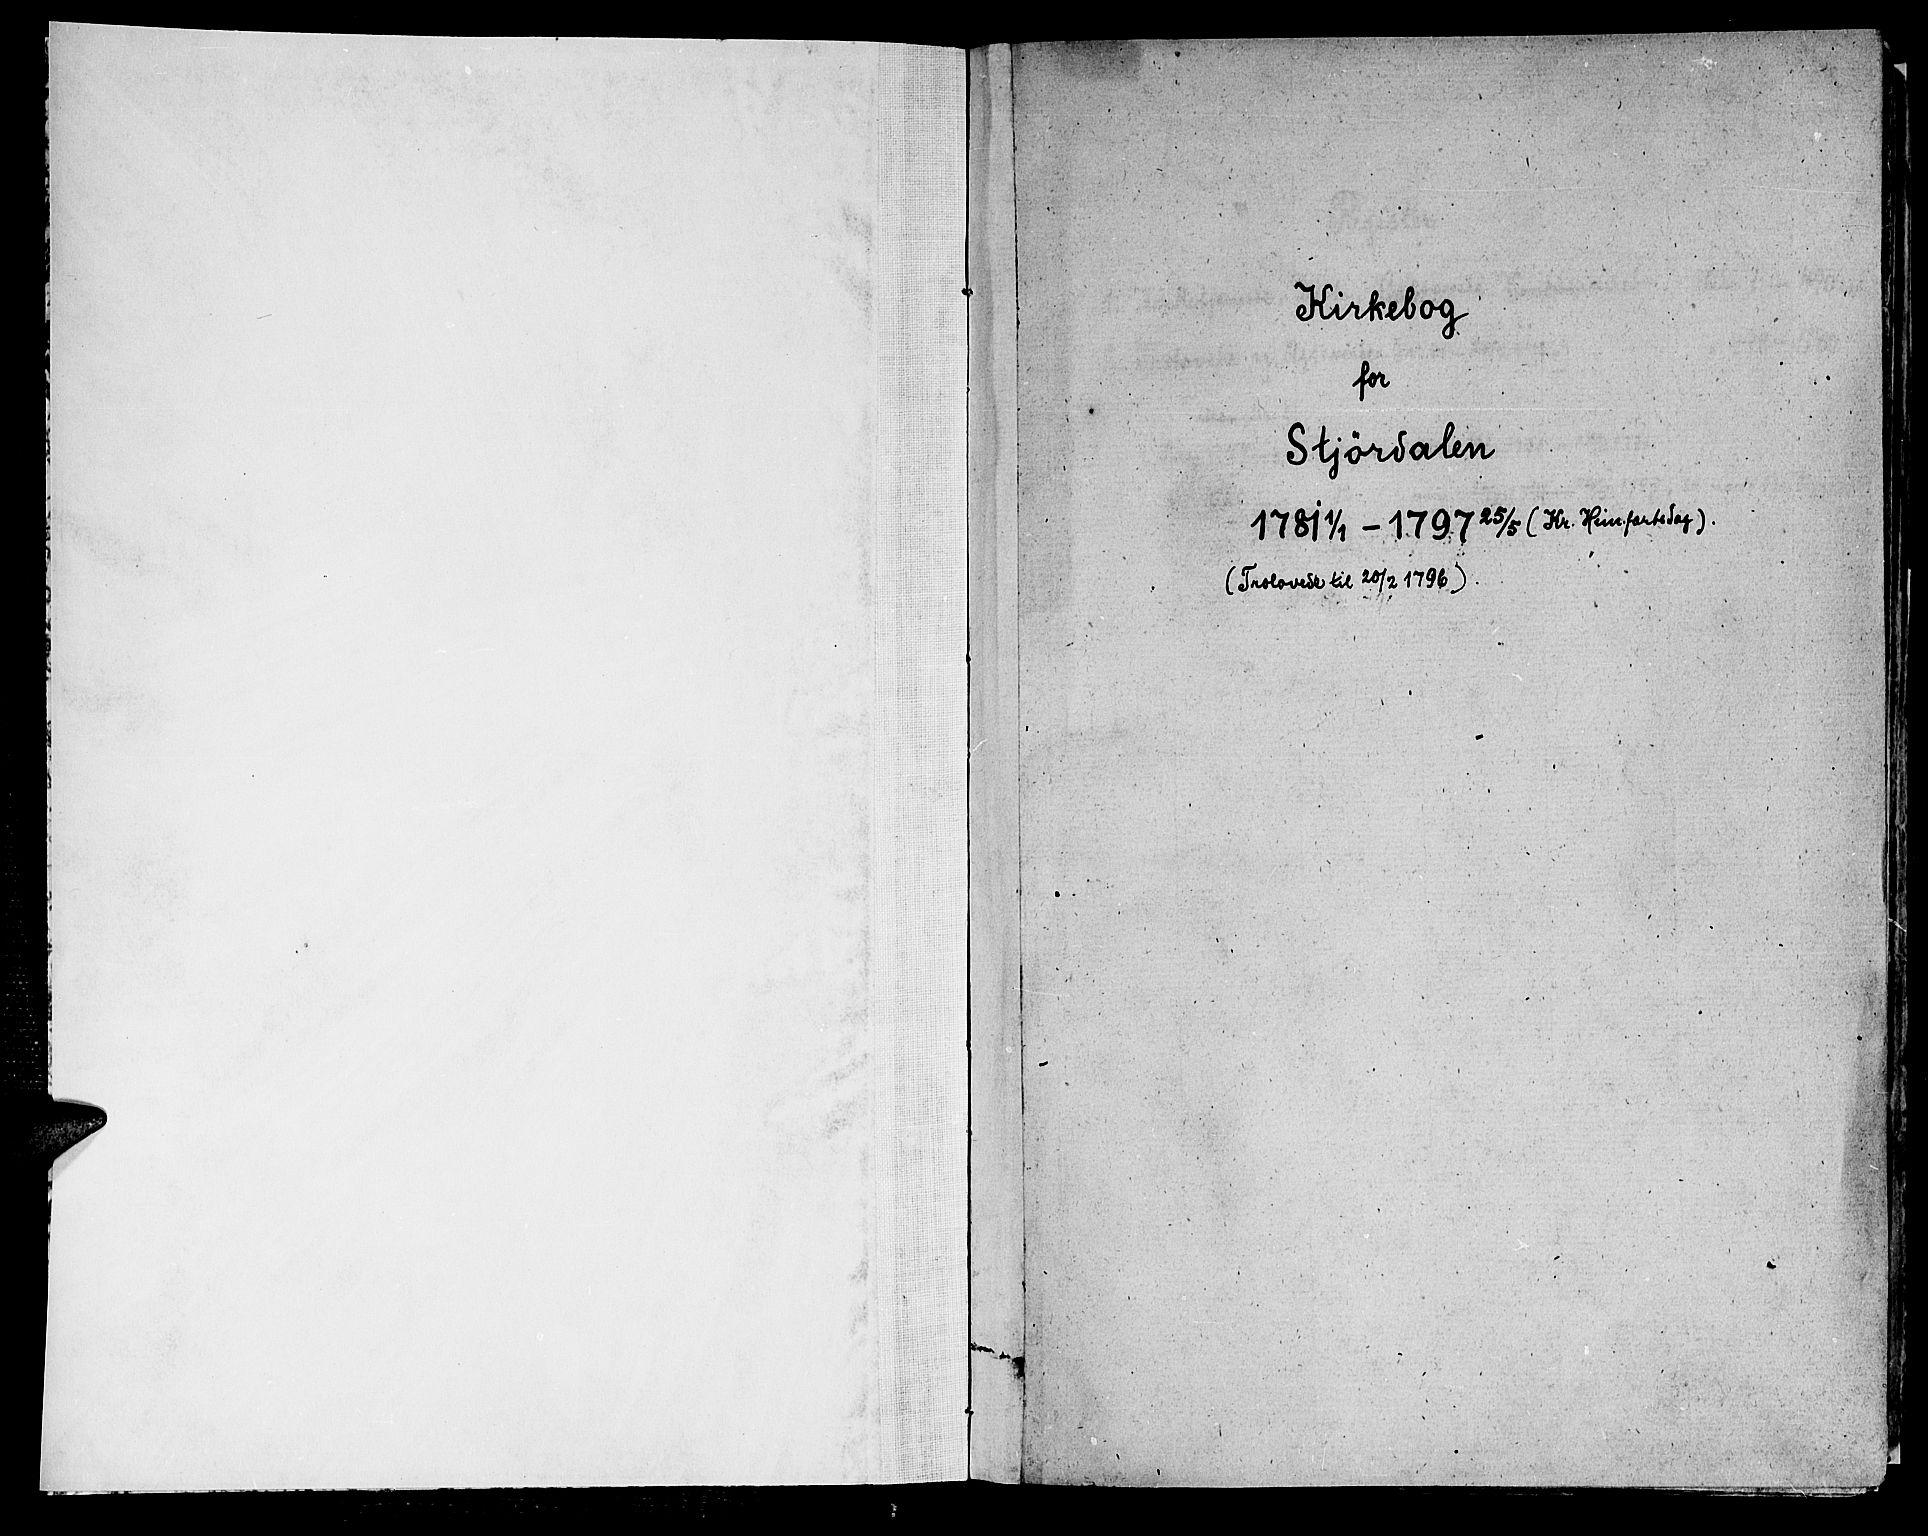 SAT, Ministerialprotokoller, klokkerbøker og fødselsregistre - Nord-Trøndelag, 709/L0059: Ministerialbok nr. 709A06, 1781-1797